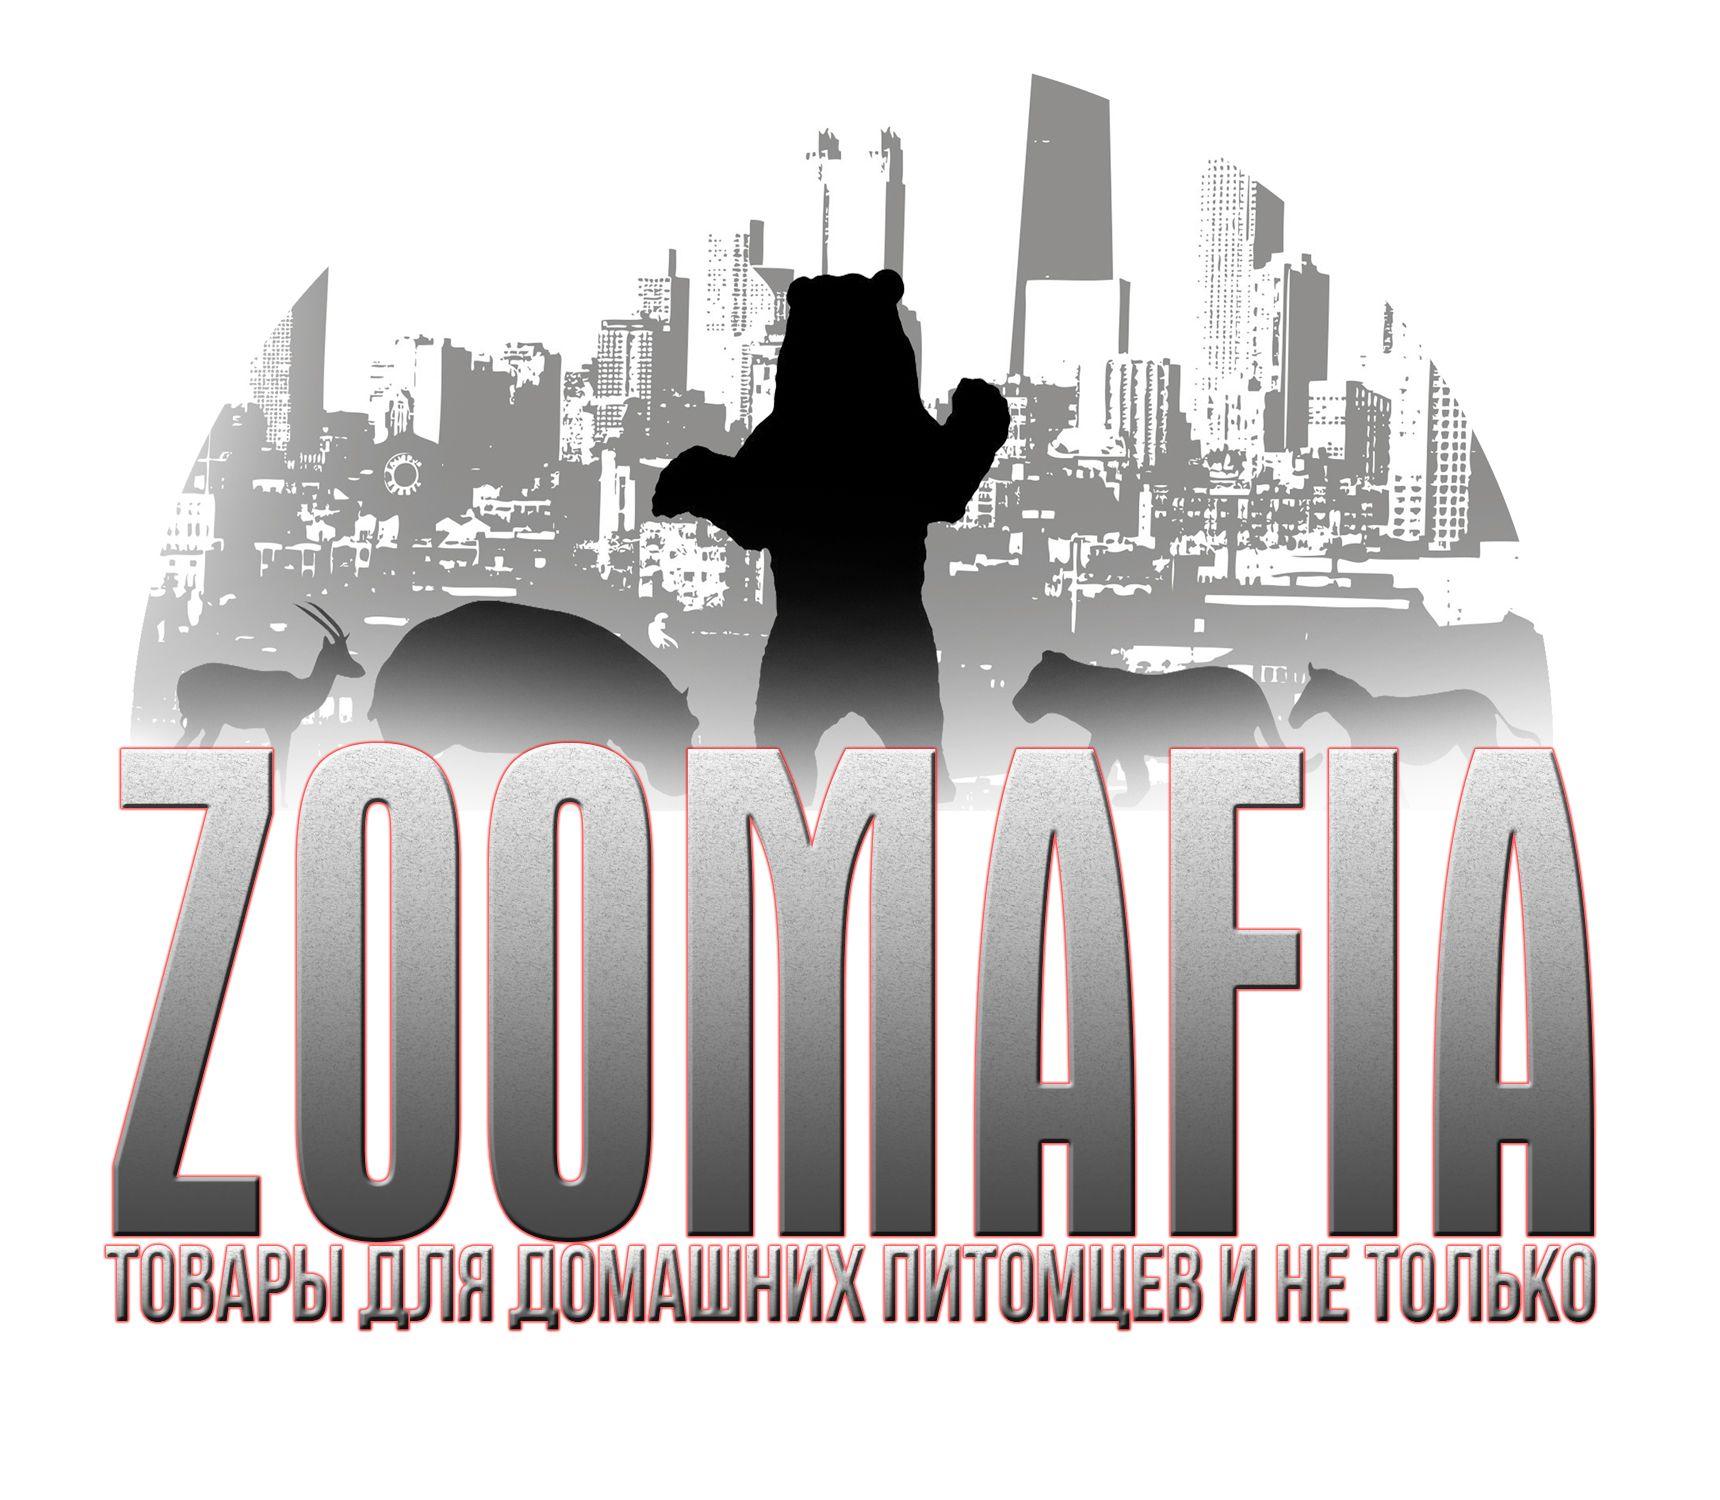 Логотип для интернет магазина зоотоваров - дизайнер dmitrysindyakov